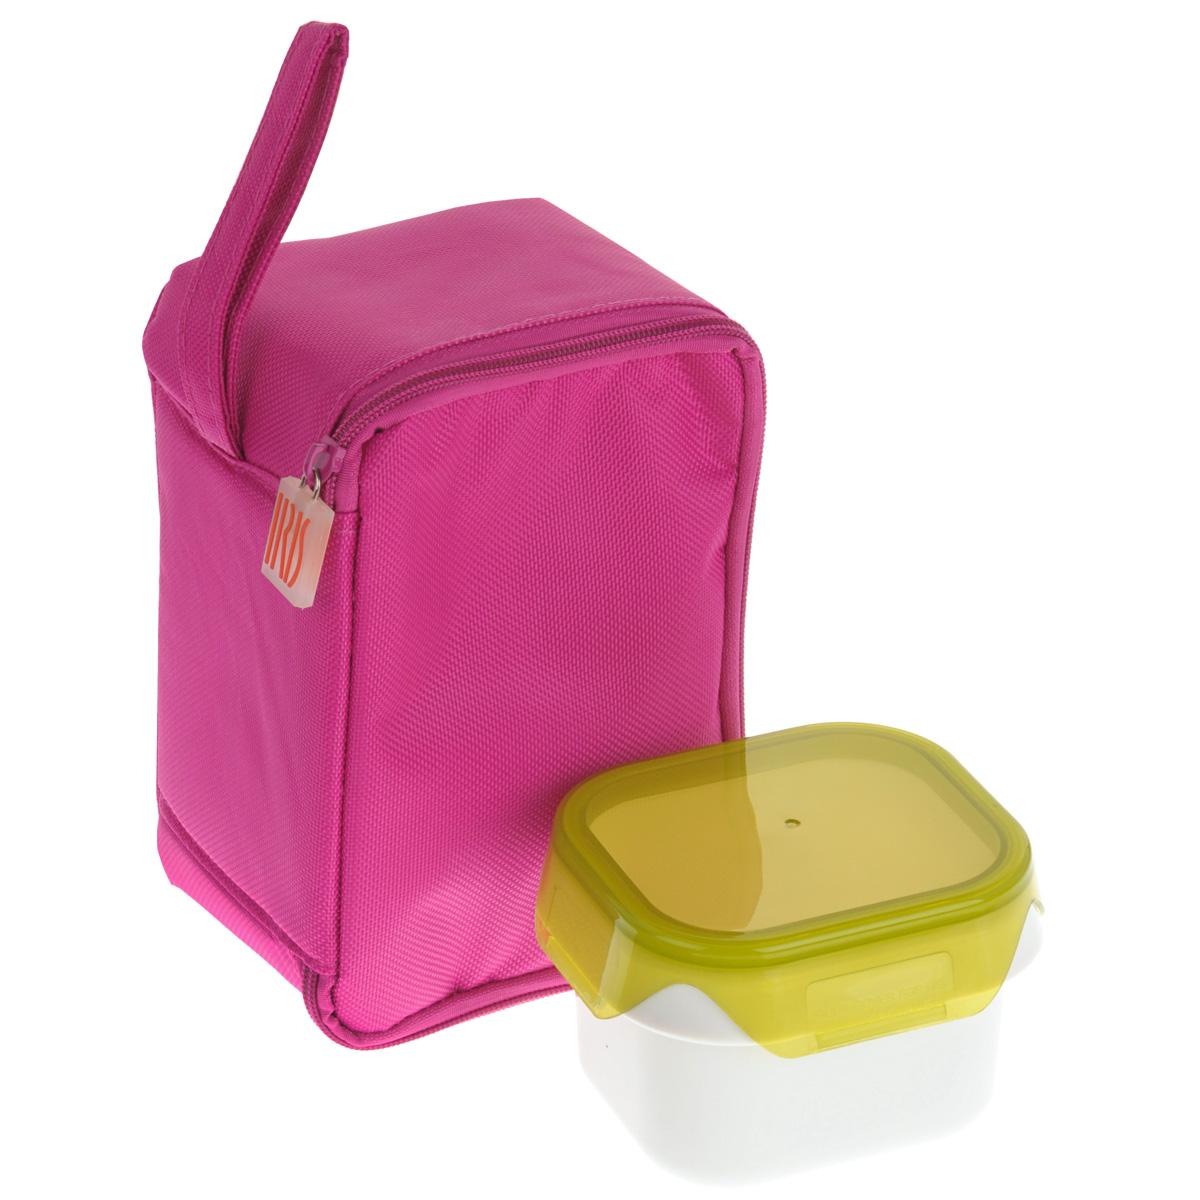 Термоланчбокс Iris Barcelona Baby Lunch, с контейнером, цвет: розовый9696-TИзотермическая сумка-ланчбокс Iris Barcelona Baby Lunch – идеальное решение, чтобы взять с собой обед для вашего ребенка. Ее можно взять с собой куда угодно: на учебу,на прогулку или в путешествие. В течение нескольких часов ланчбокс сохранит еду свежей и вкусной. Есть ручка для переноски в одной руке. В комплект входит 1 герметичный контейнер 0,45 л с прозрачной крышкой. Он подходит для использования в морозильнике, микроволновой печи. Можно мыть в посудомоечной машине. Также в ланчбоксе предусмотрено место для йогурта, крекеров или фруктов. Не содержит Бисфенола А. Объем контейнера: 450 мл.